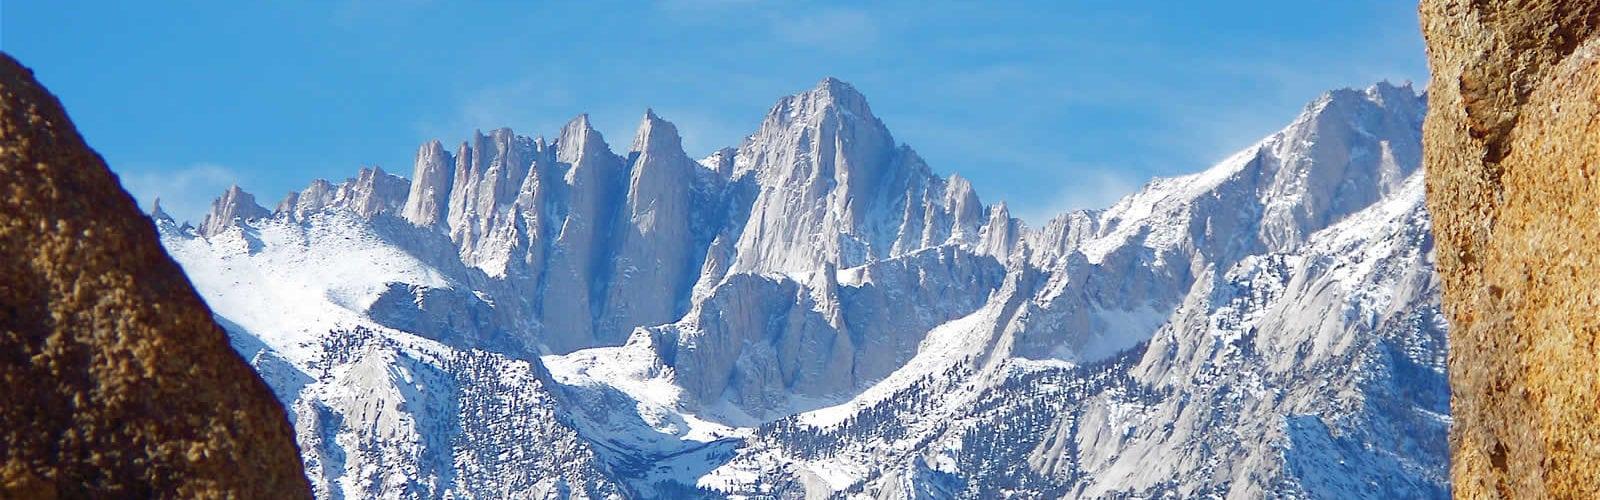 grimper-escalader-mont-whitney-une